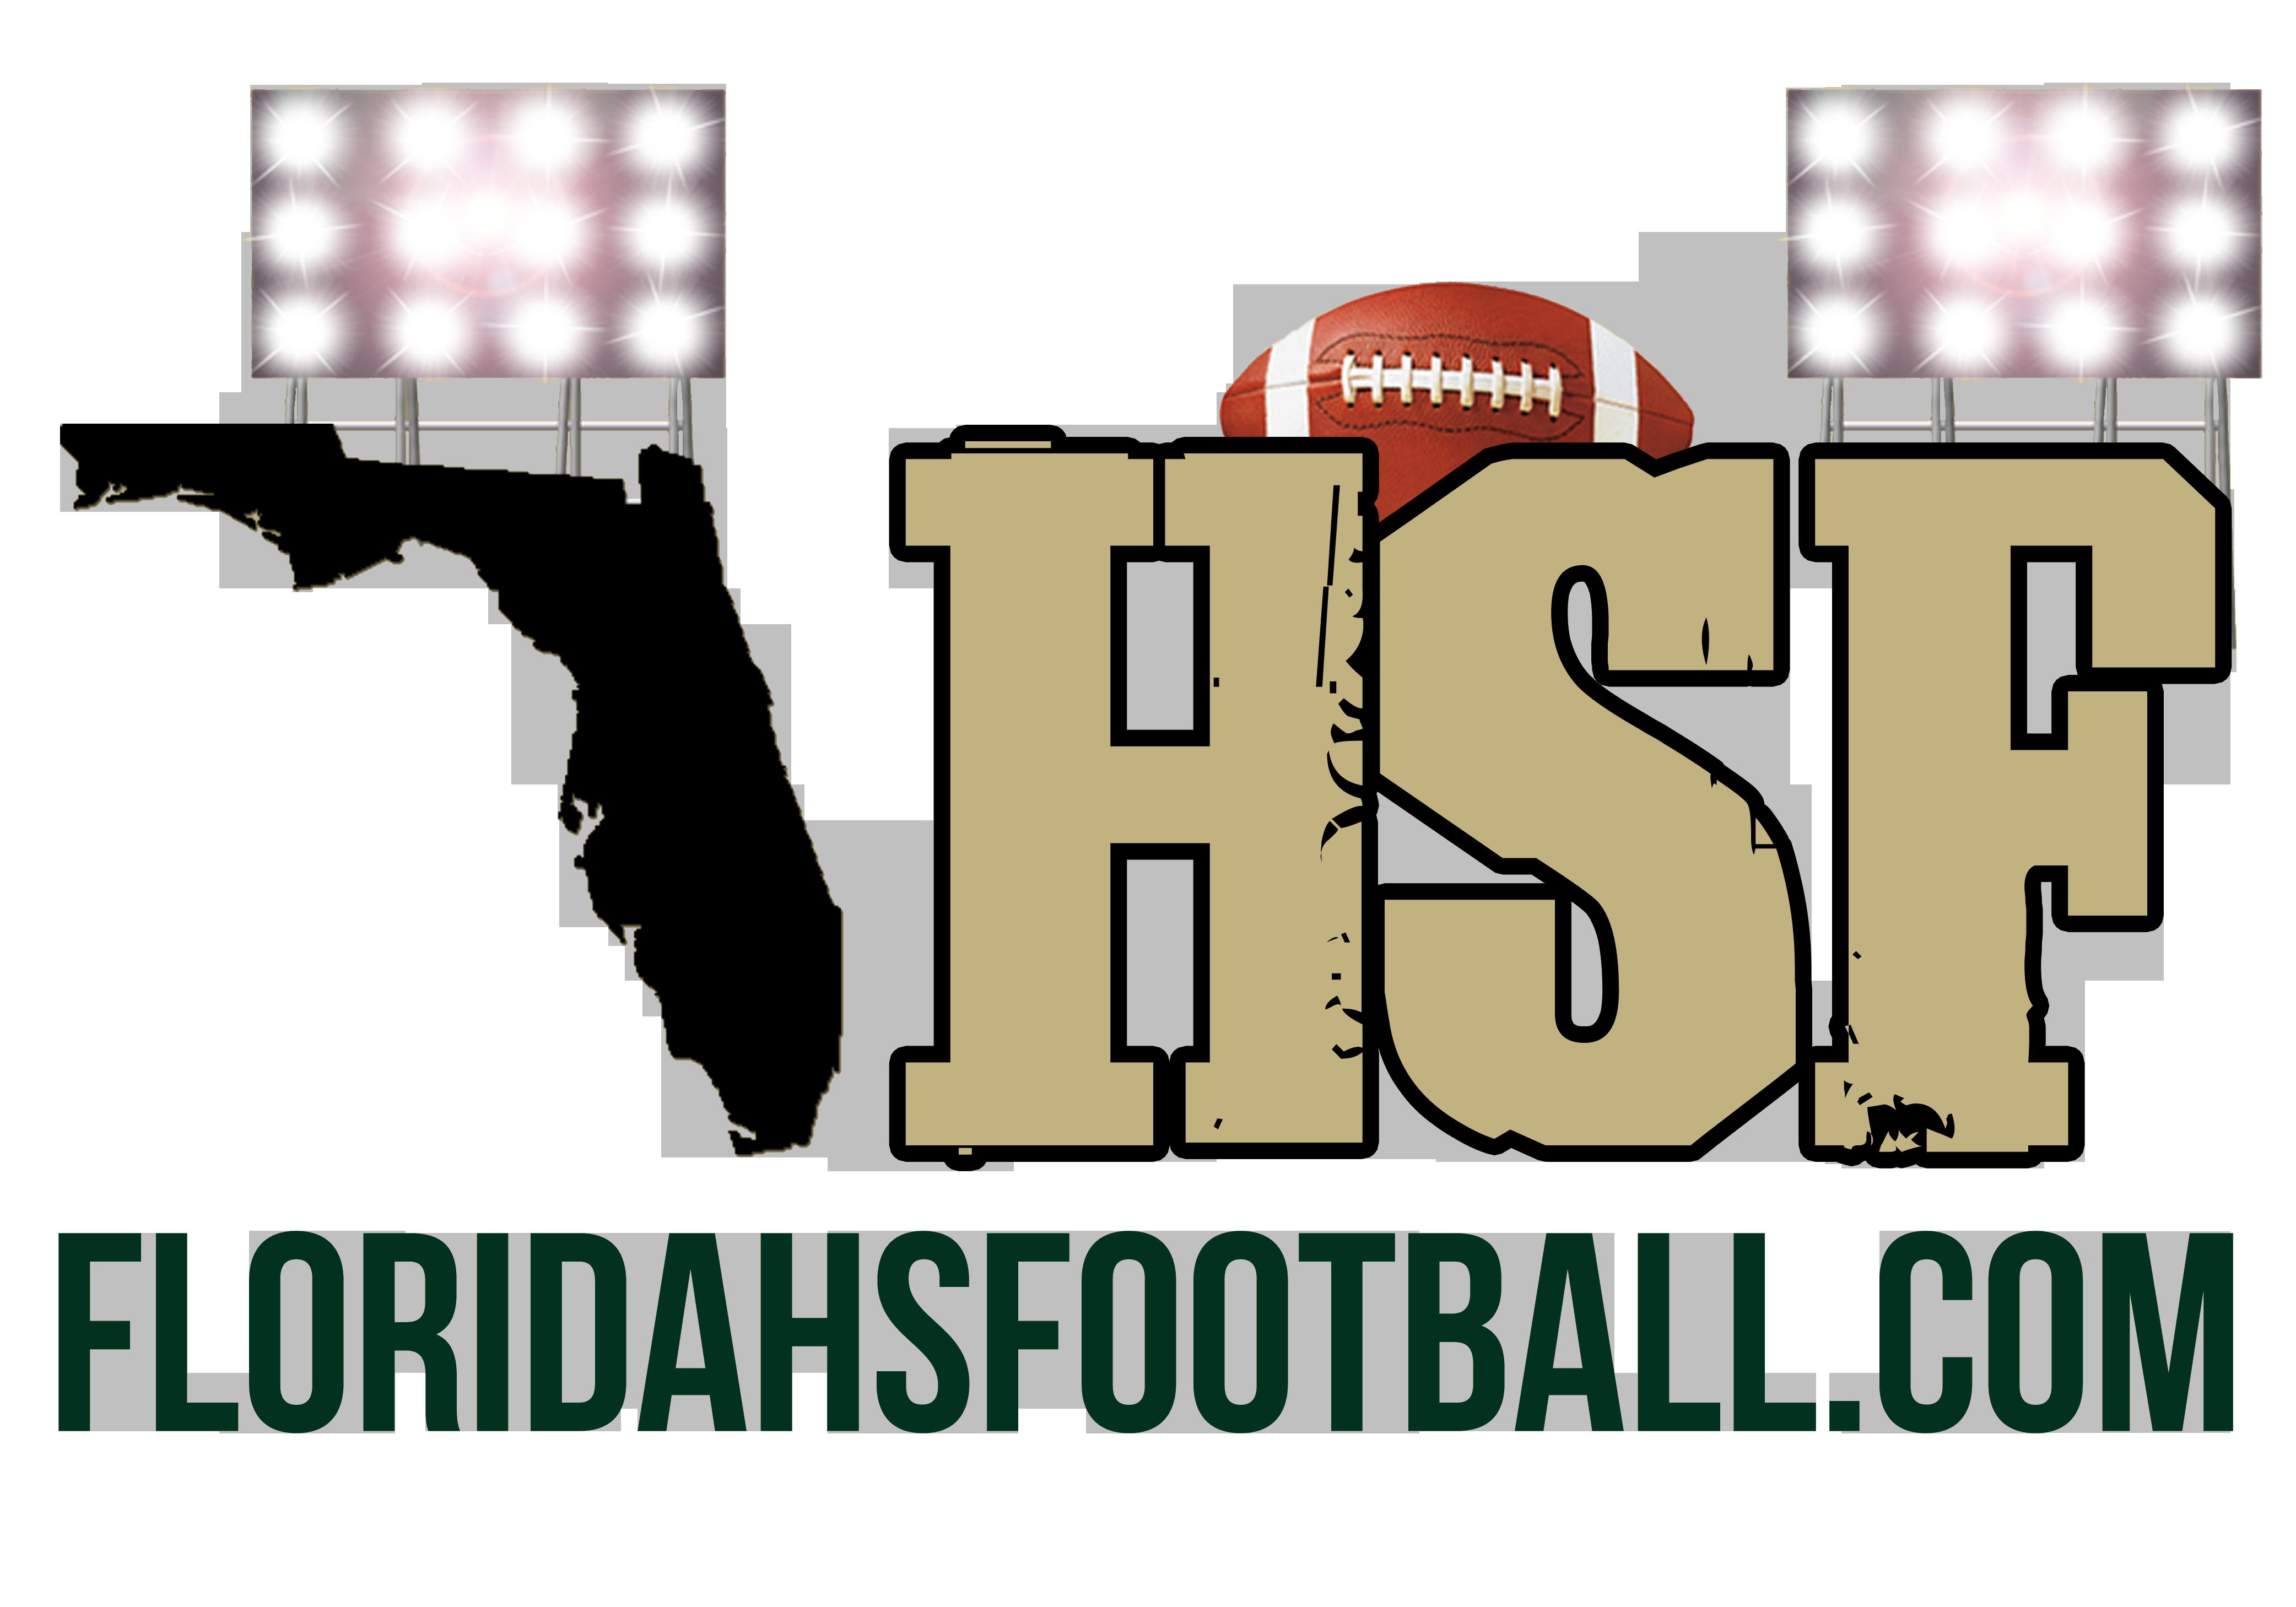 FloridaHSFootball.com logo